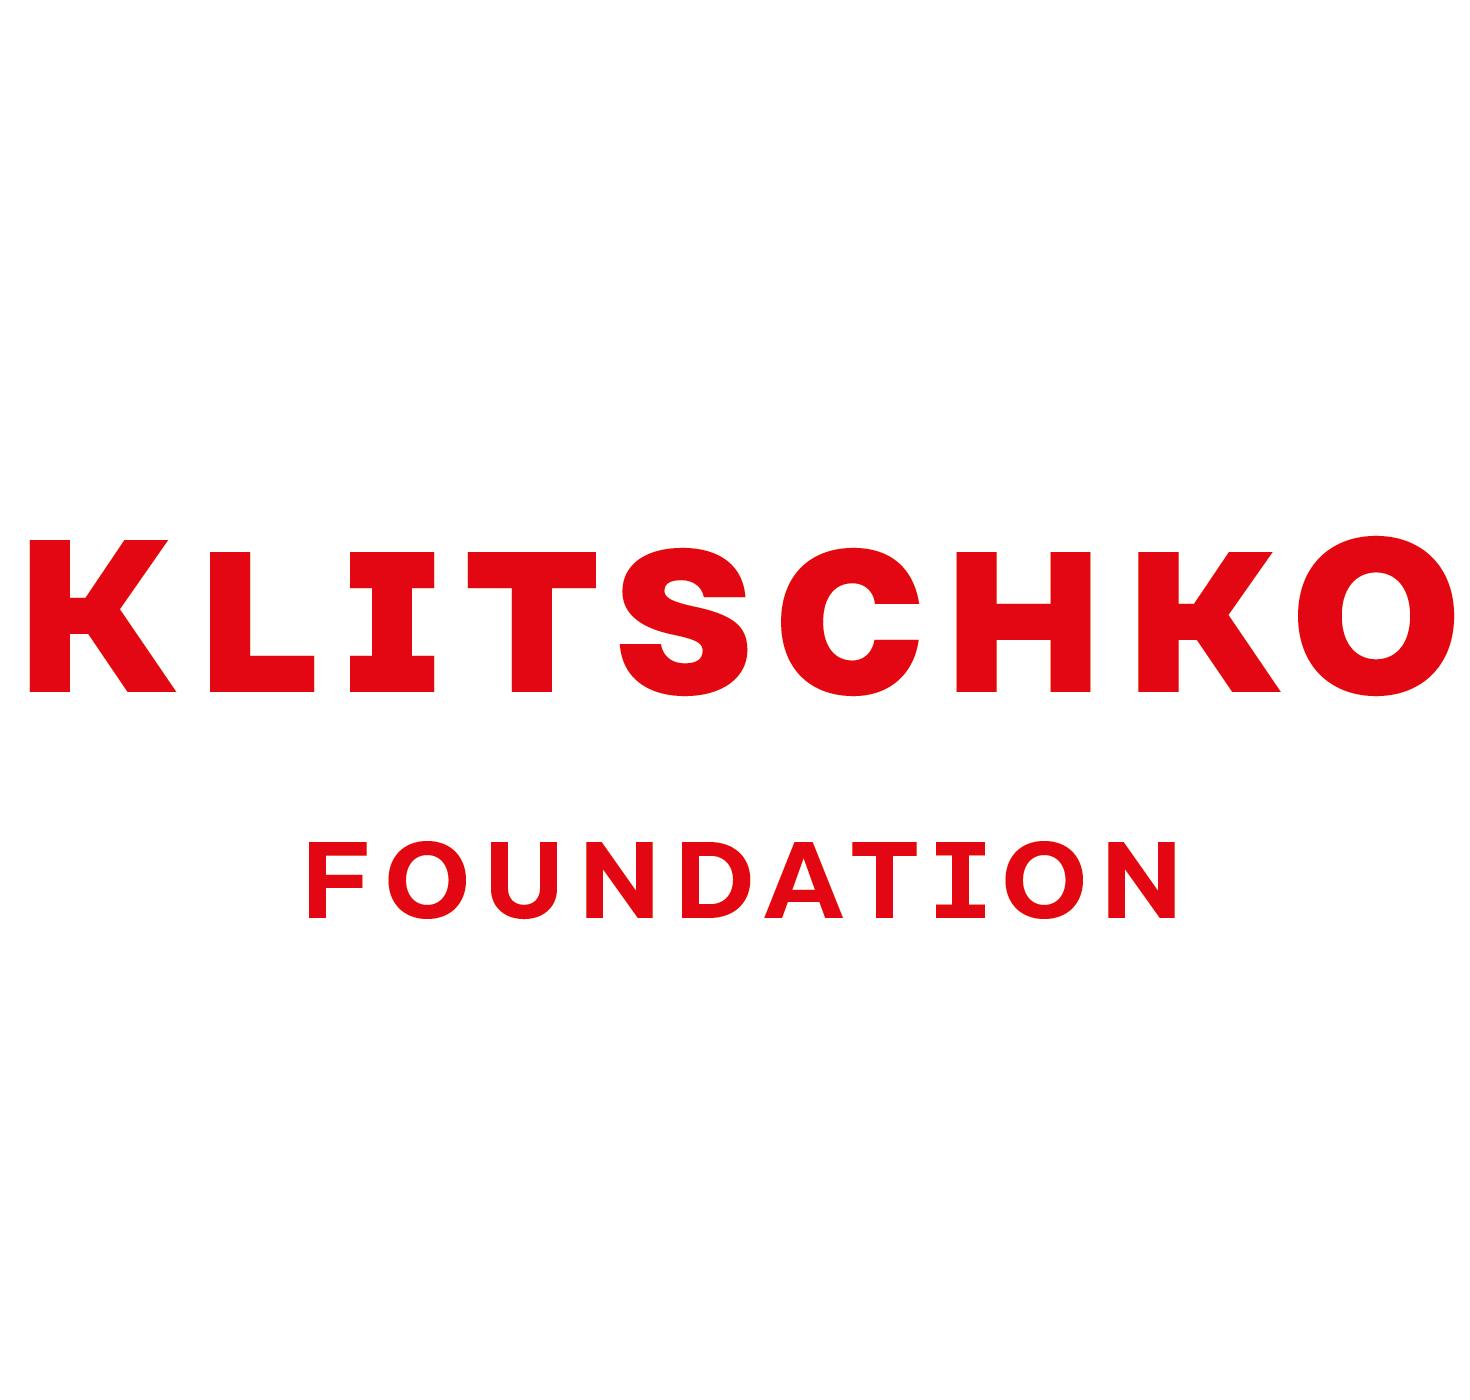 KLITSCHKO Foundation – Klitschko Official